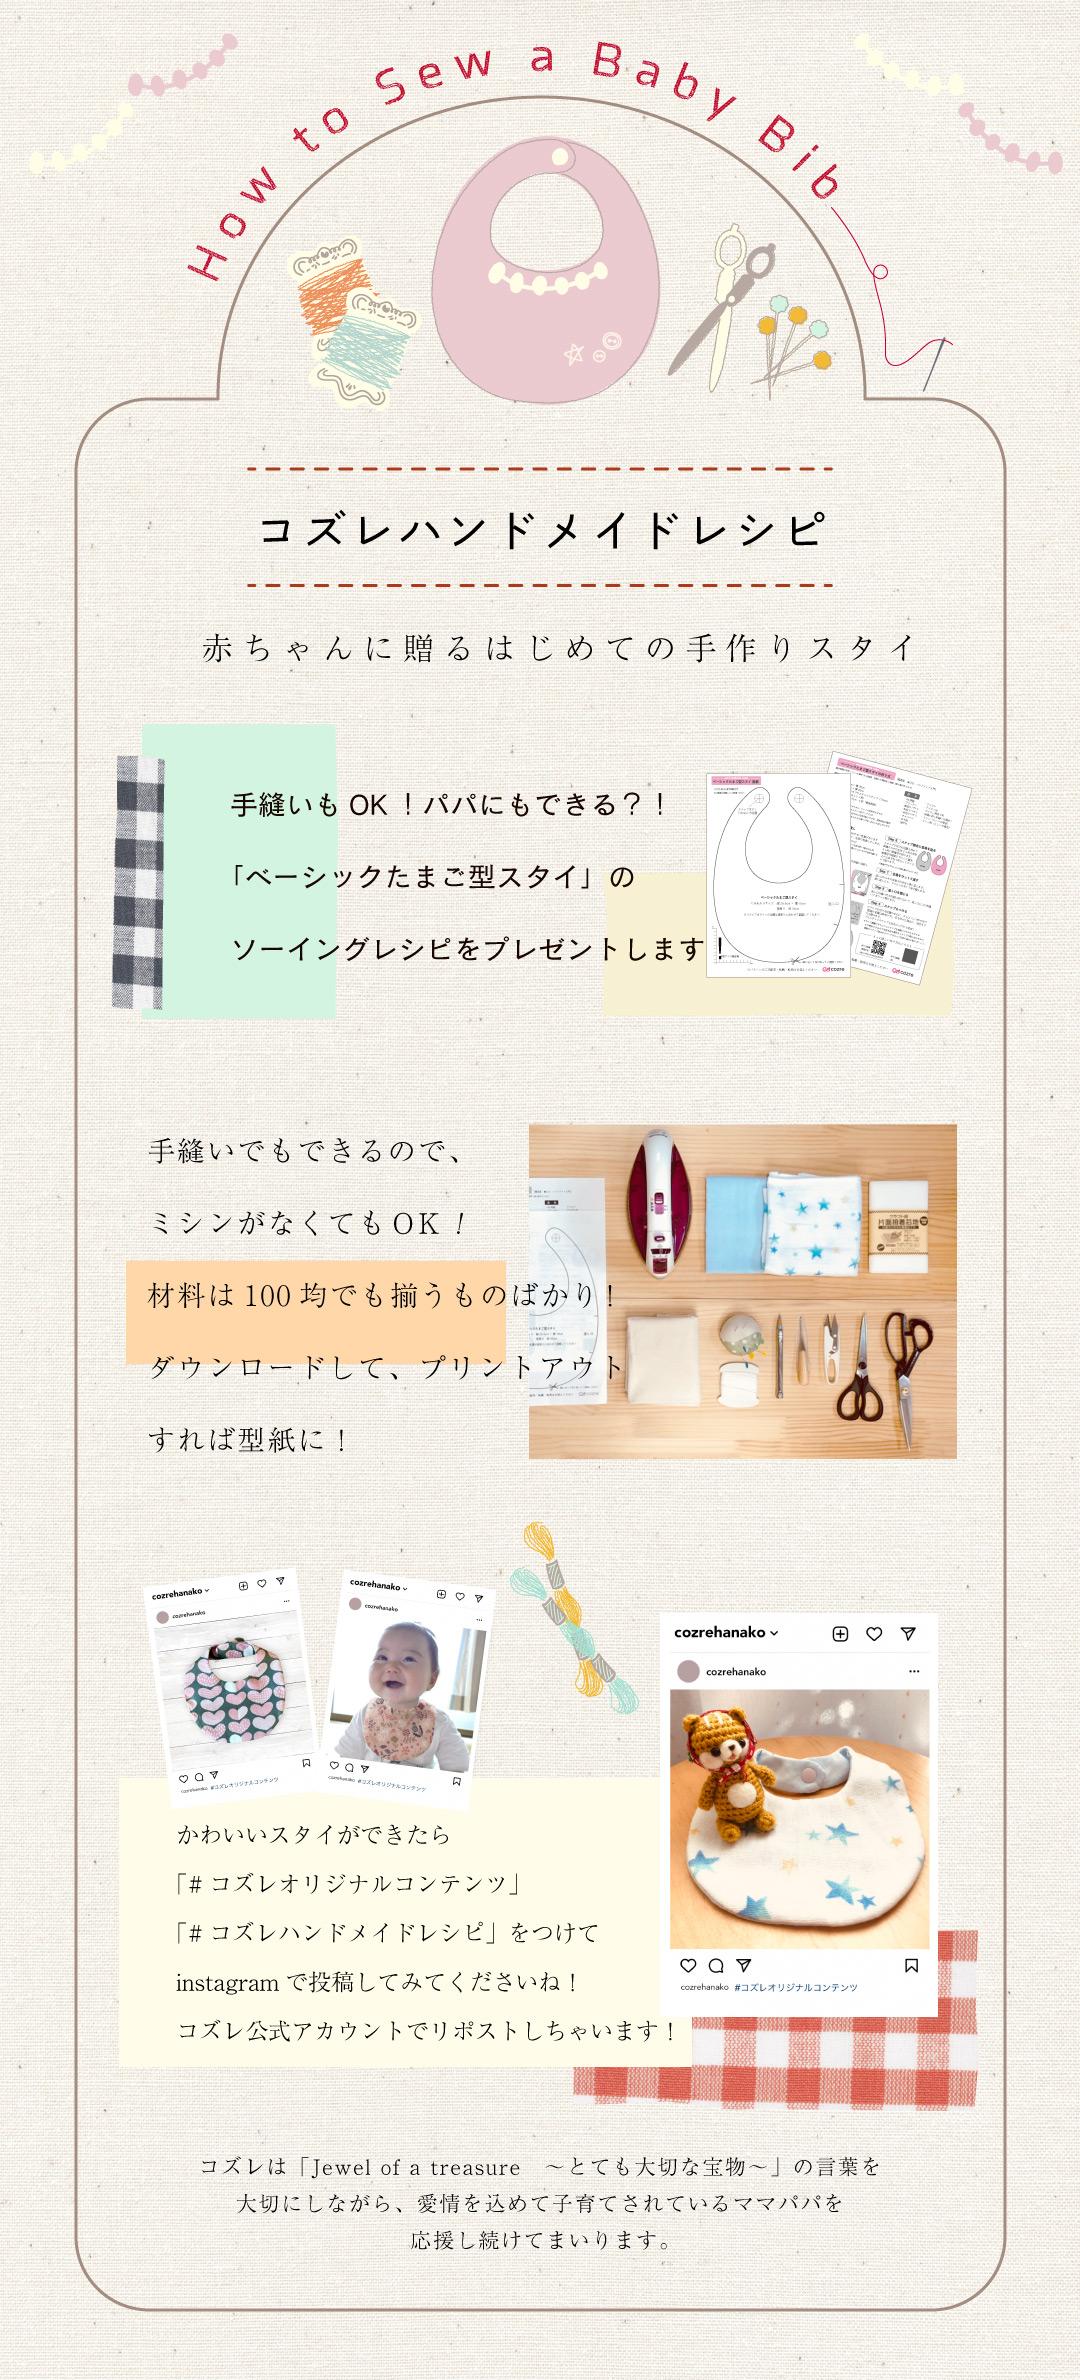 【全員にプレゼント】コズレハンドメイドレシピ!赤ちゃんに贈るはじめての手作りスタイ